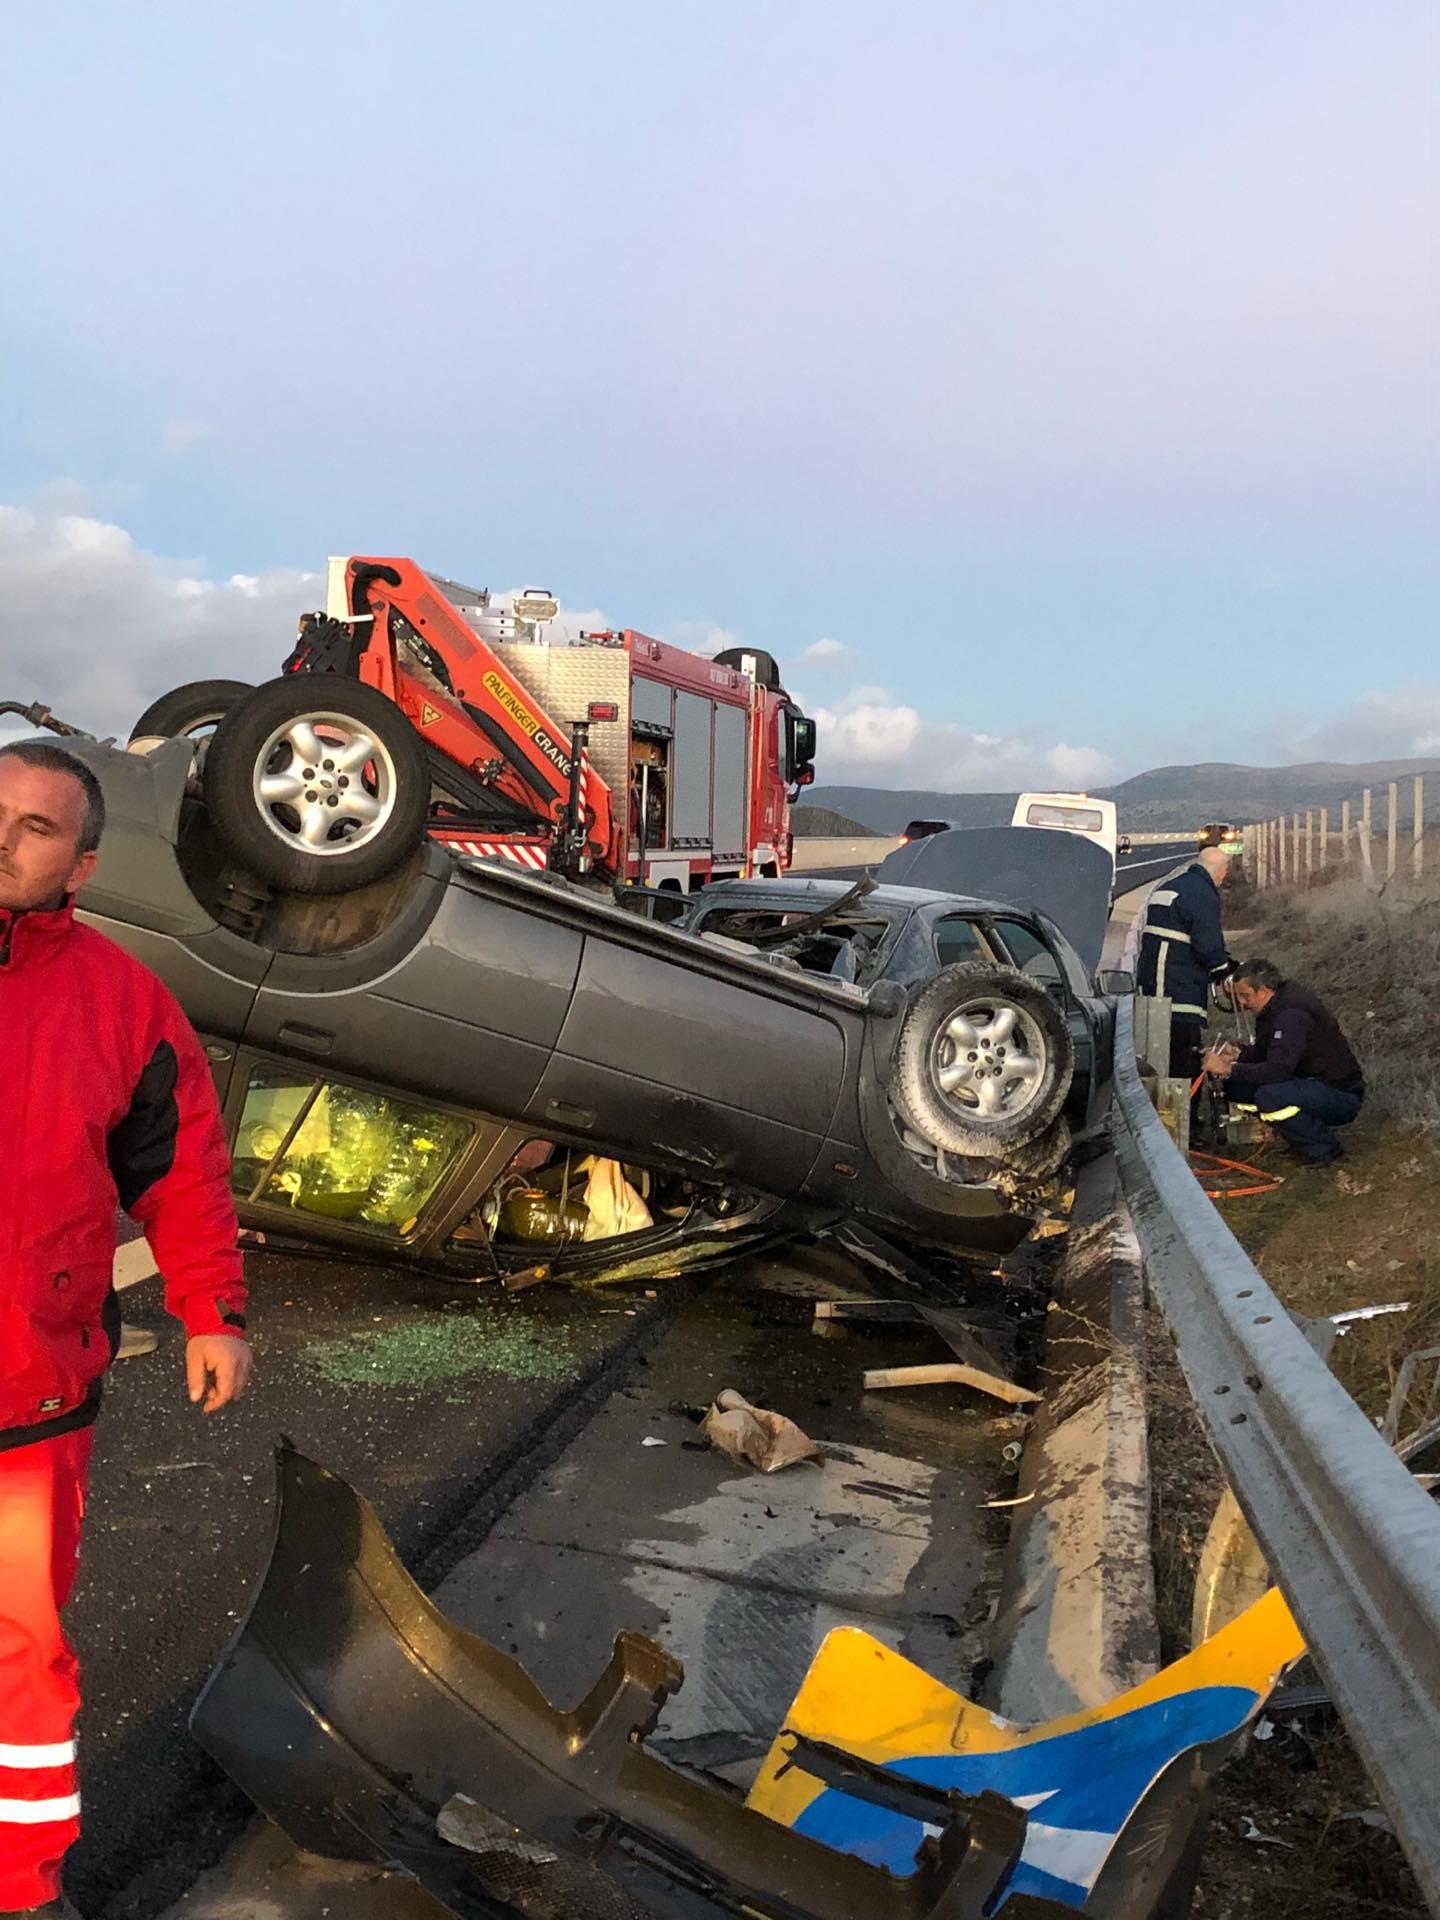 Σοβαρό τροχαίο ατύχημα στην εθνική οδό Καλαμάτας – Τρίπολης – 2 τραυματίες